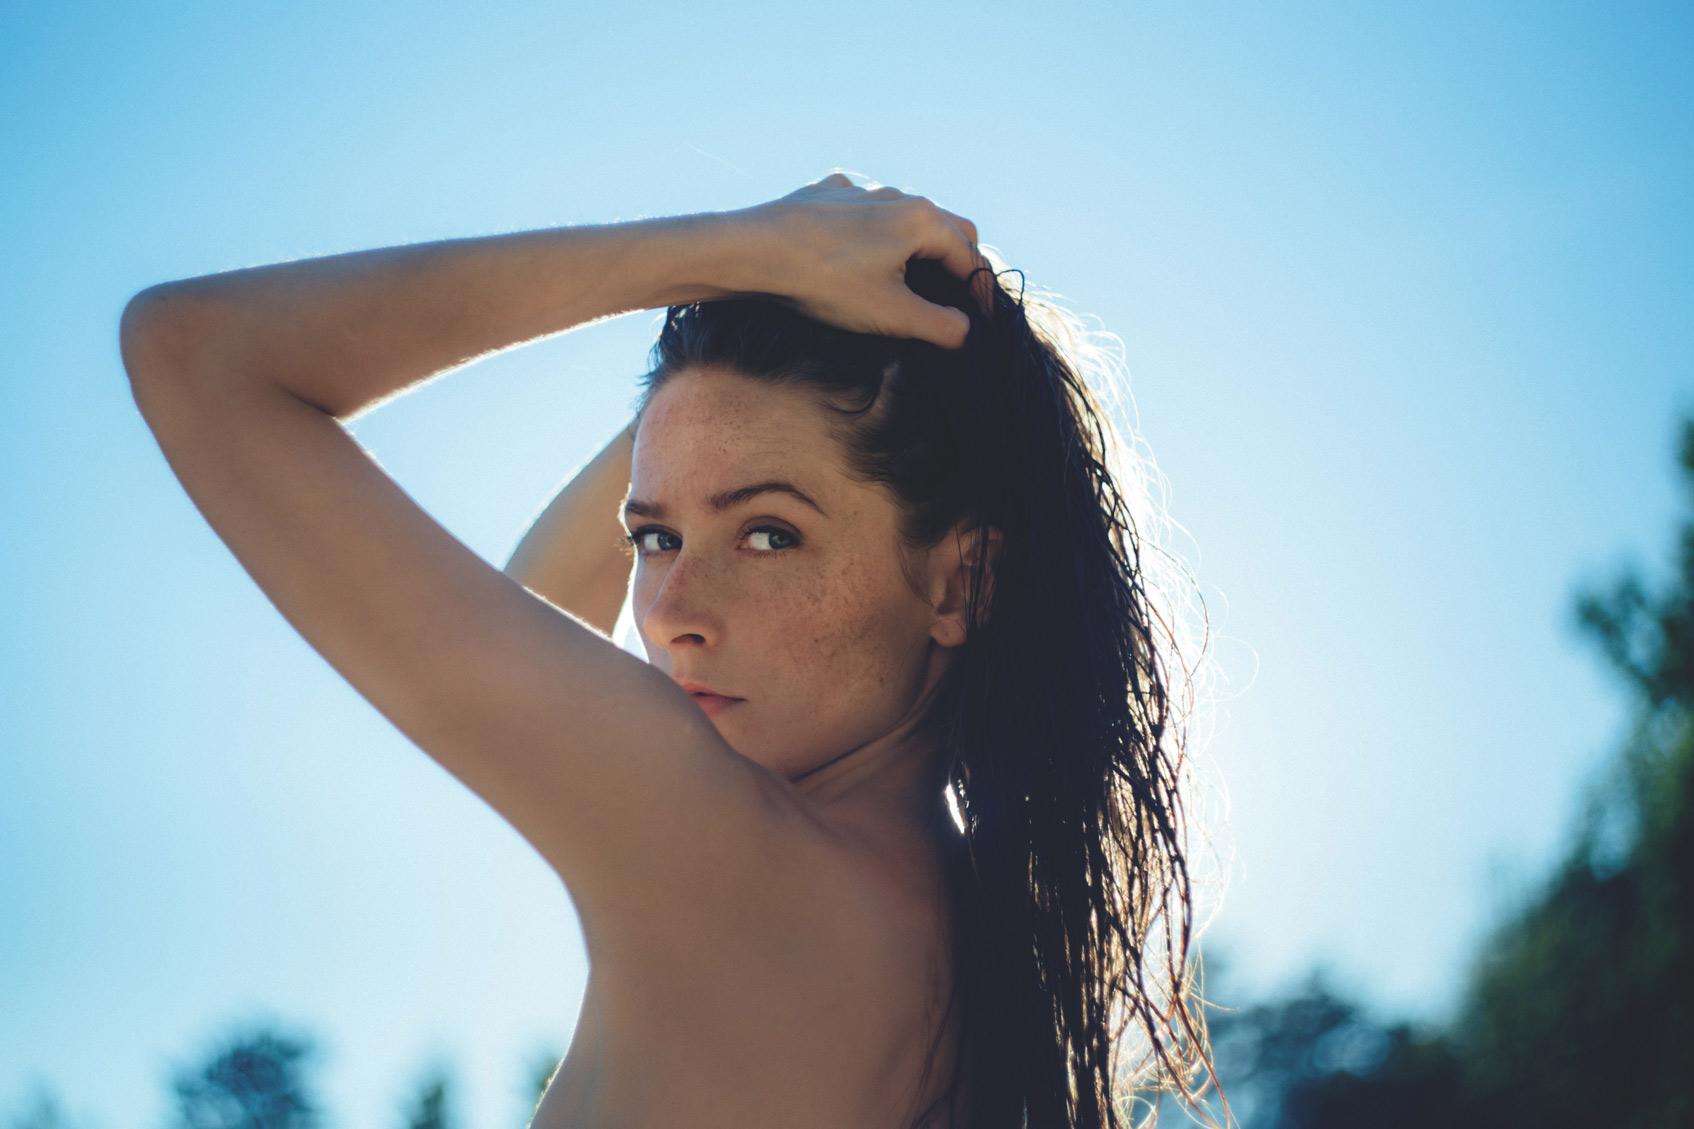 загорелая девушка на пляже